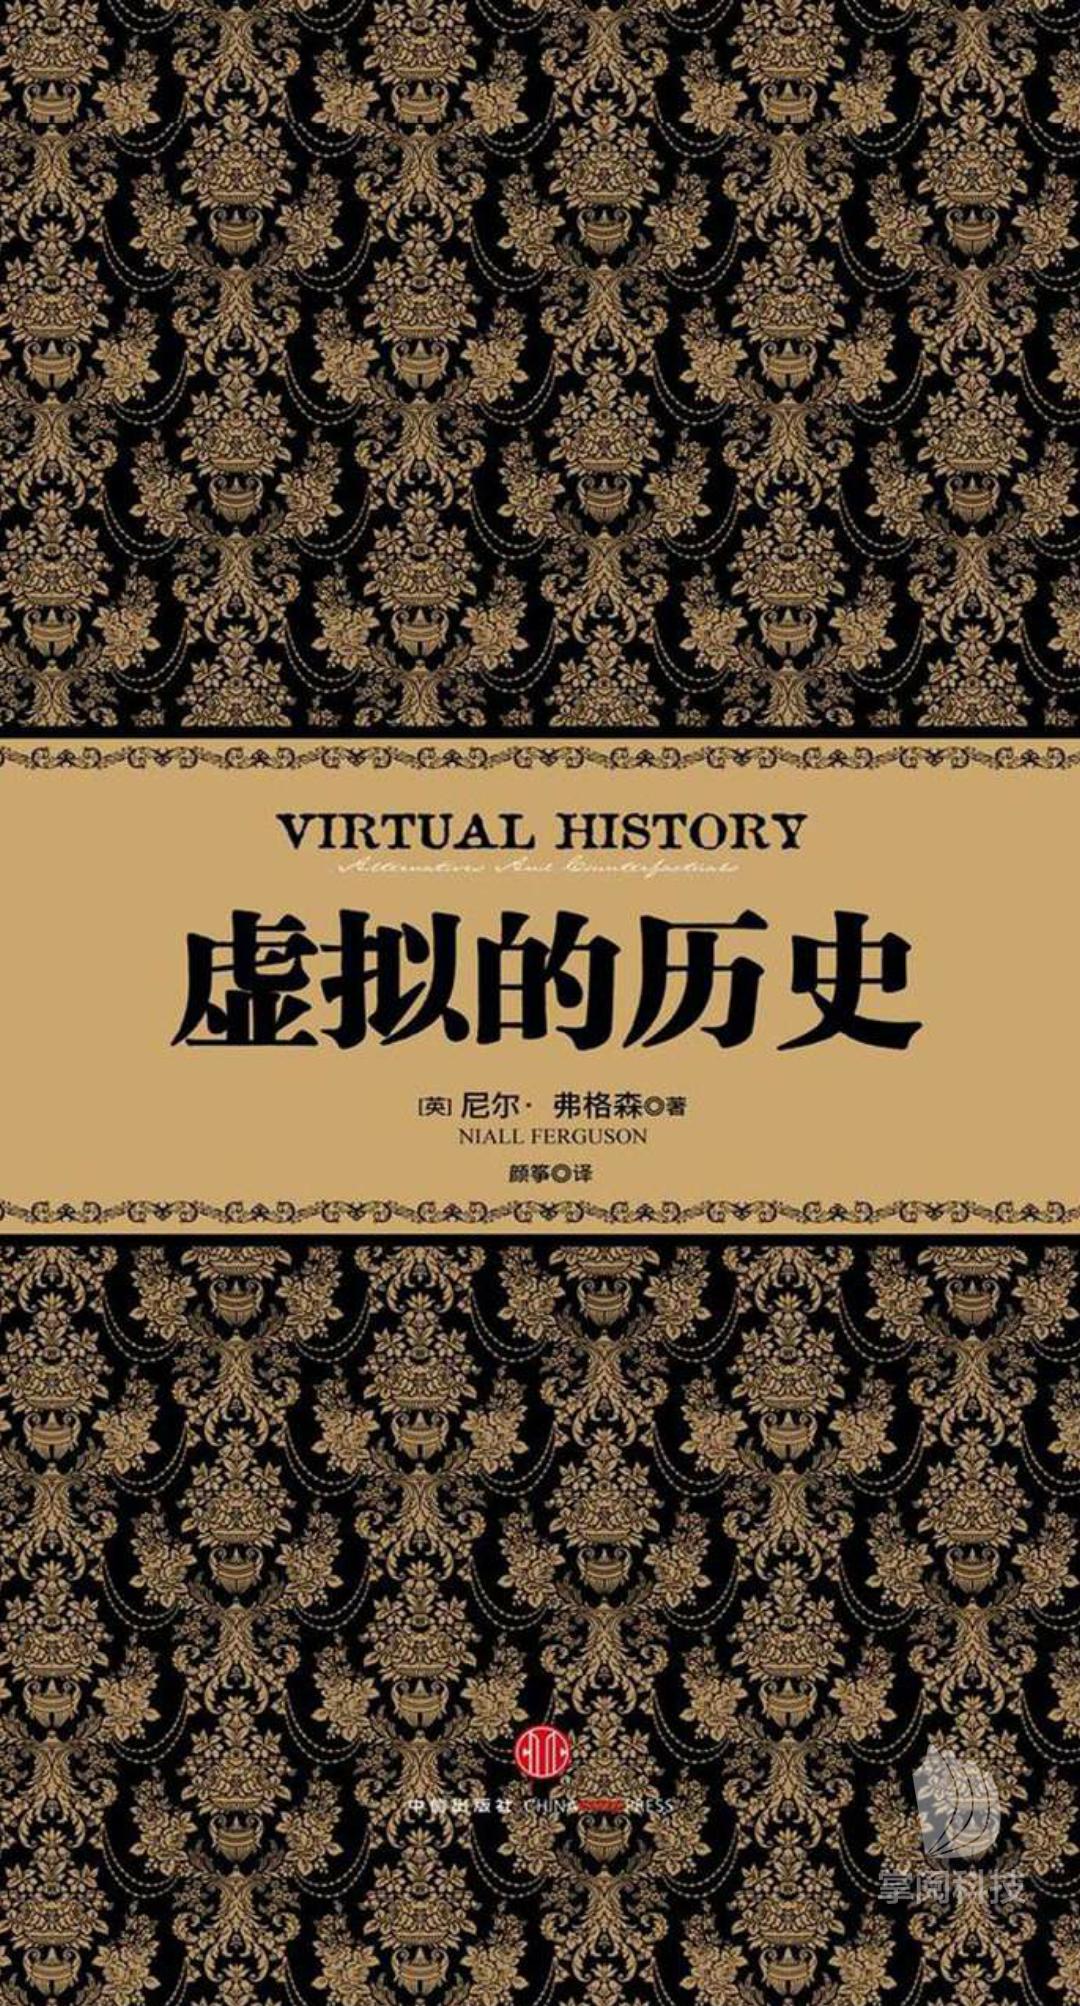 《虚拟的历史[精品]》